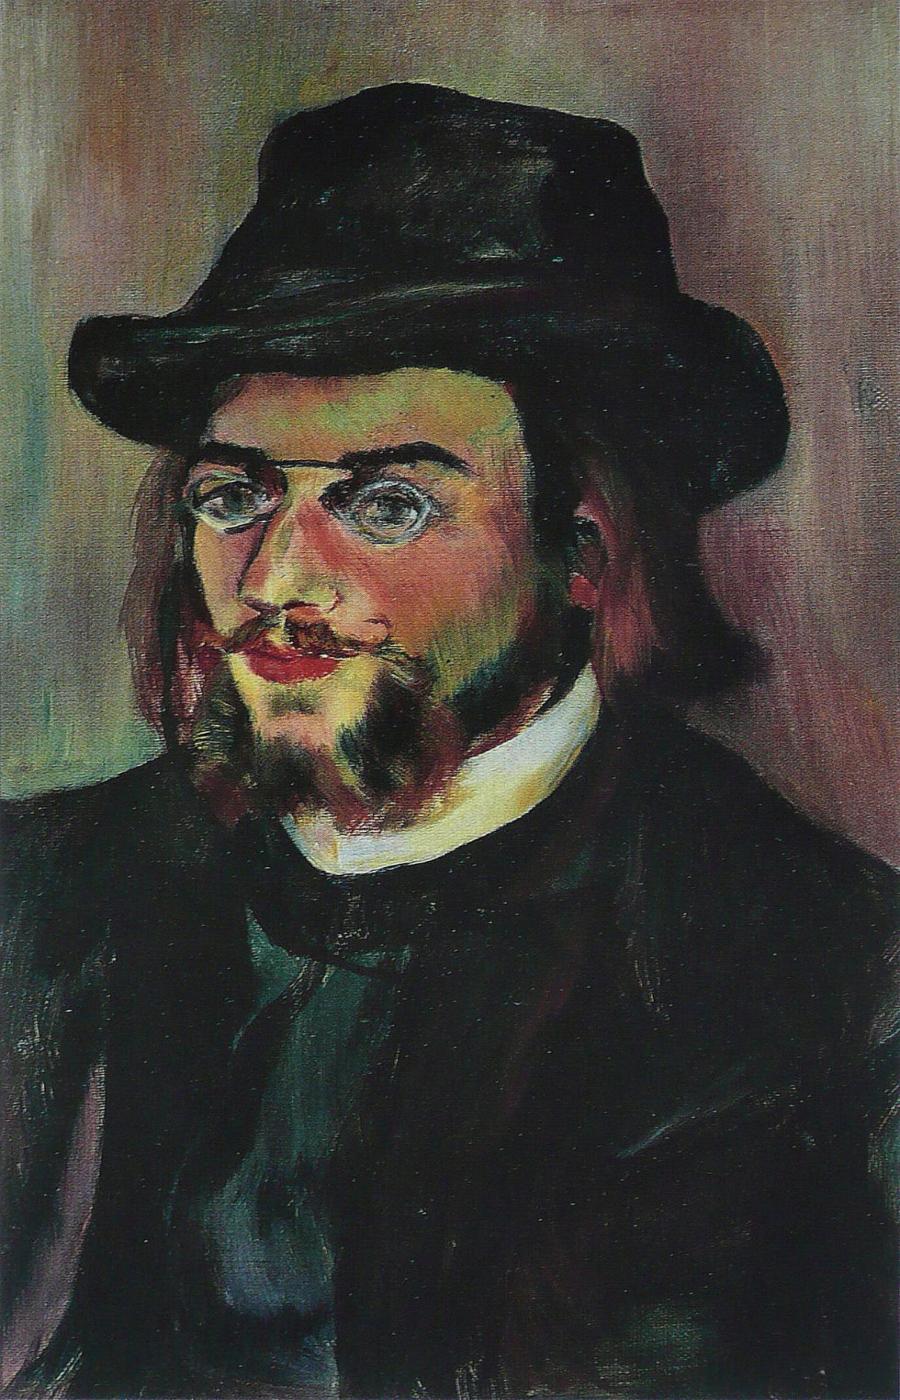 Retrato de Erik Satie. Suzanne Valadon